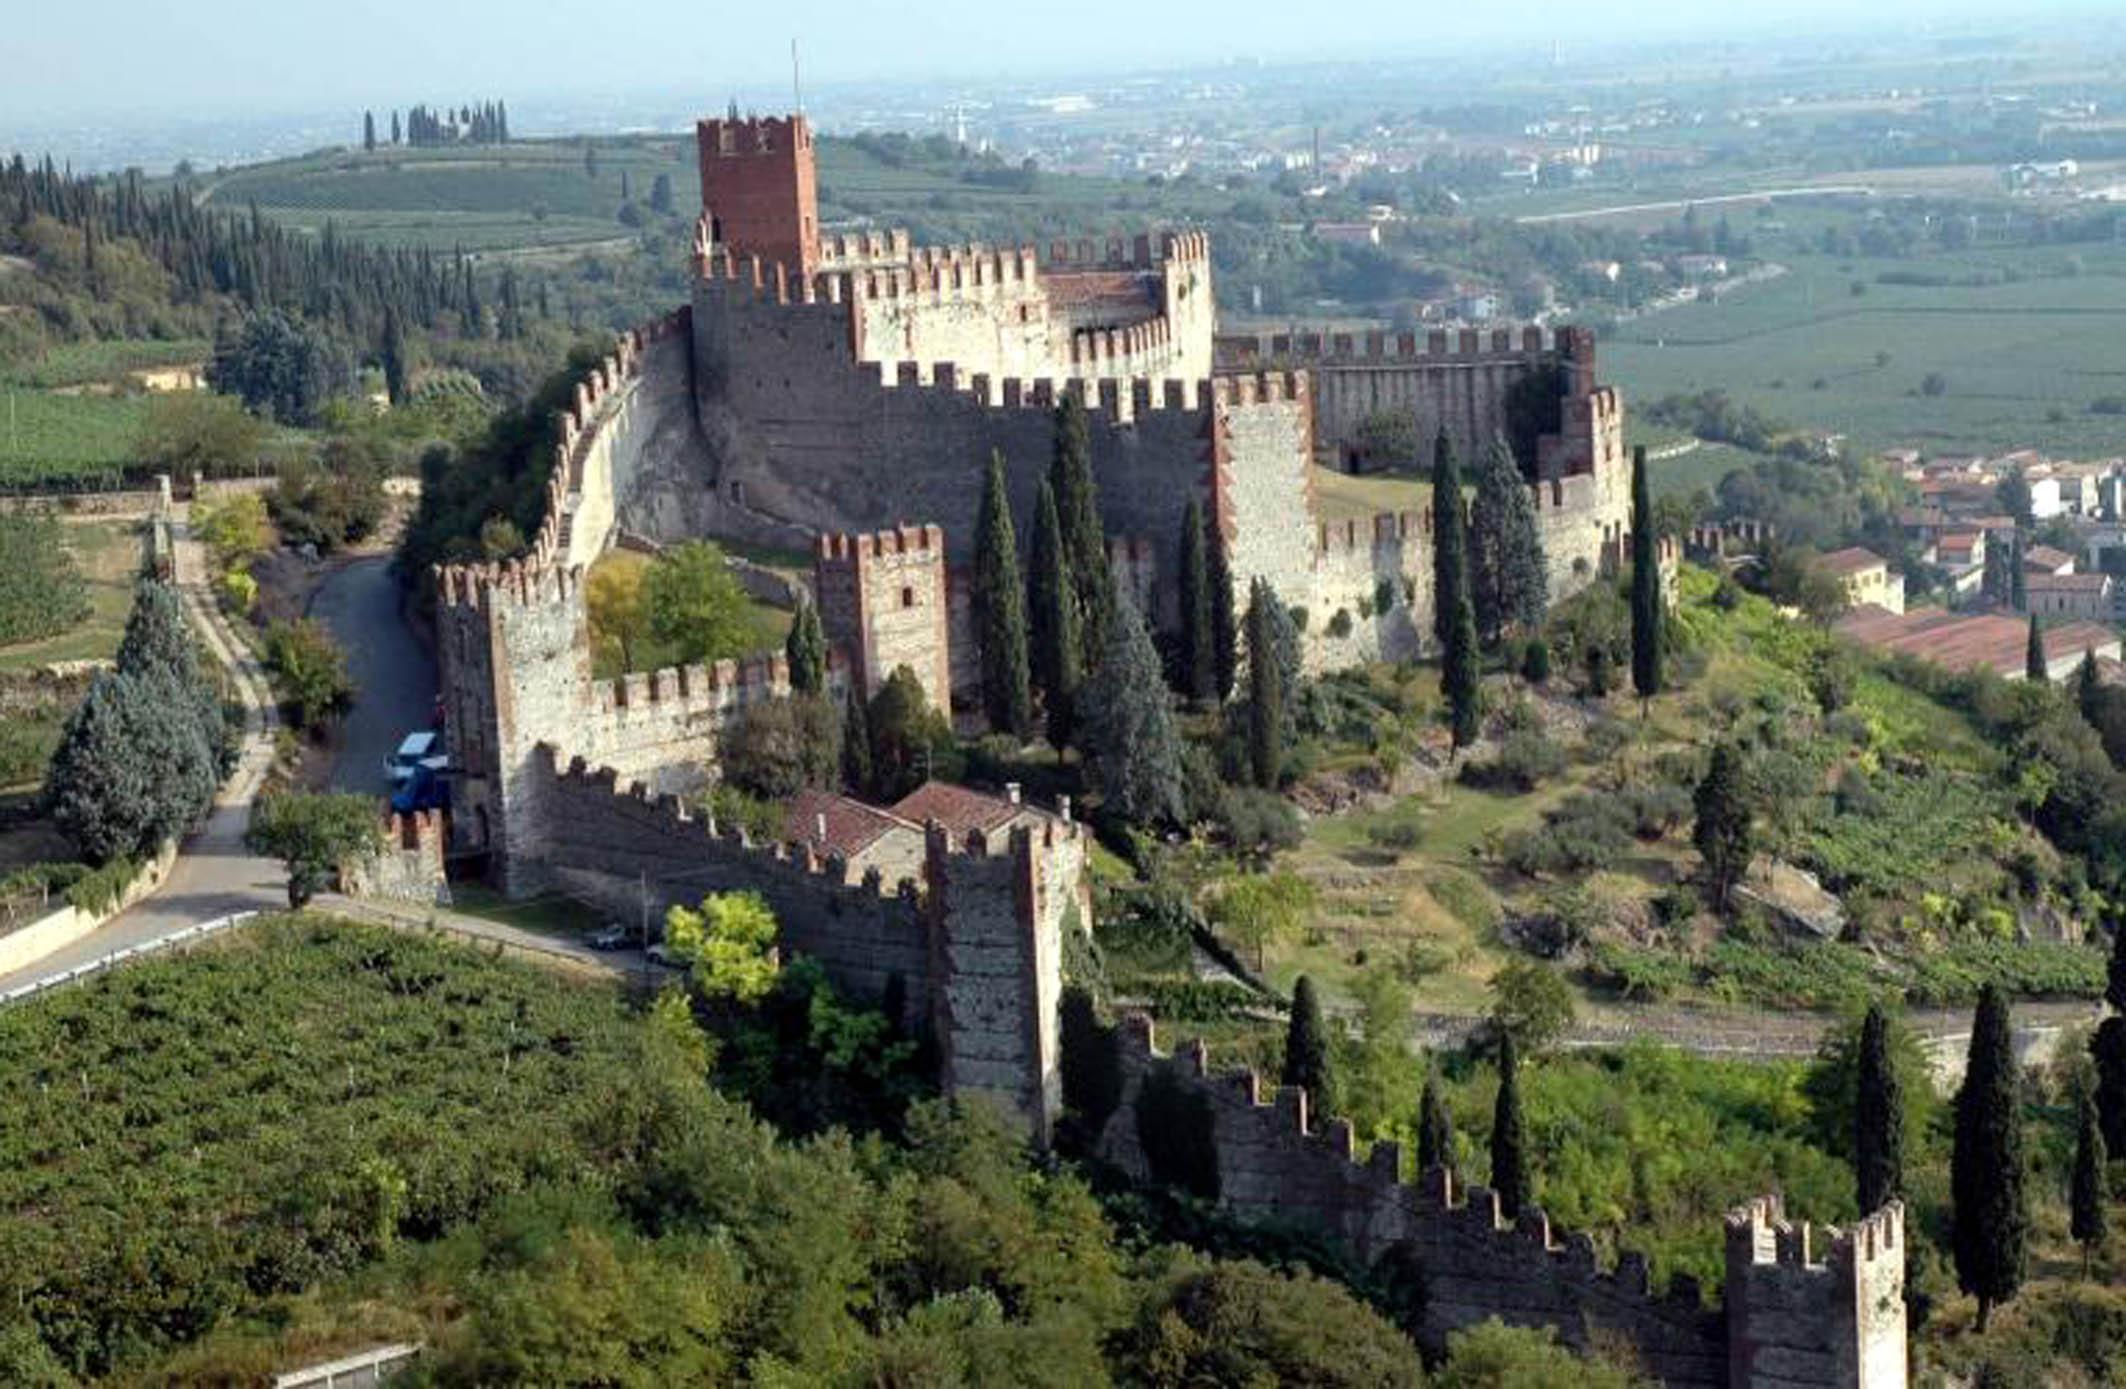 castello di soave (Vr)